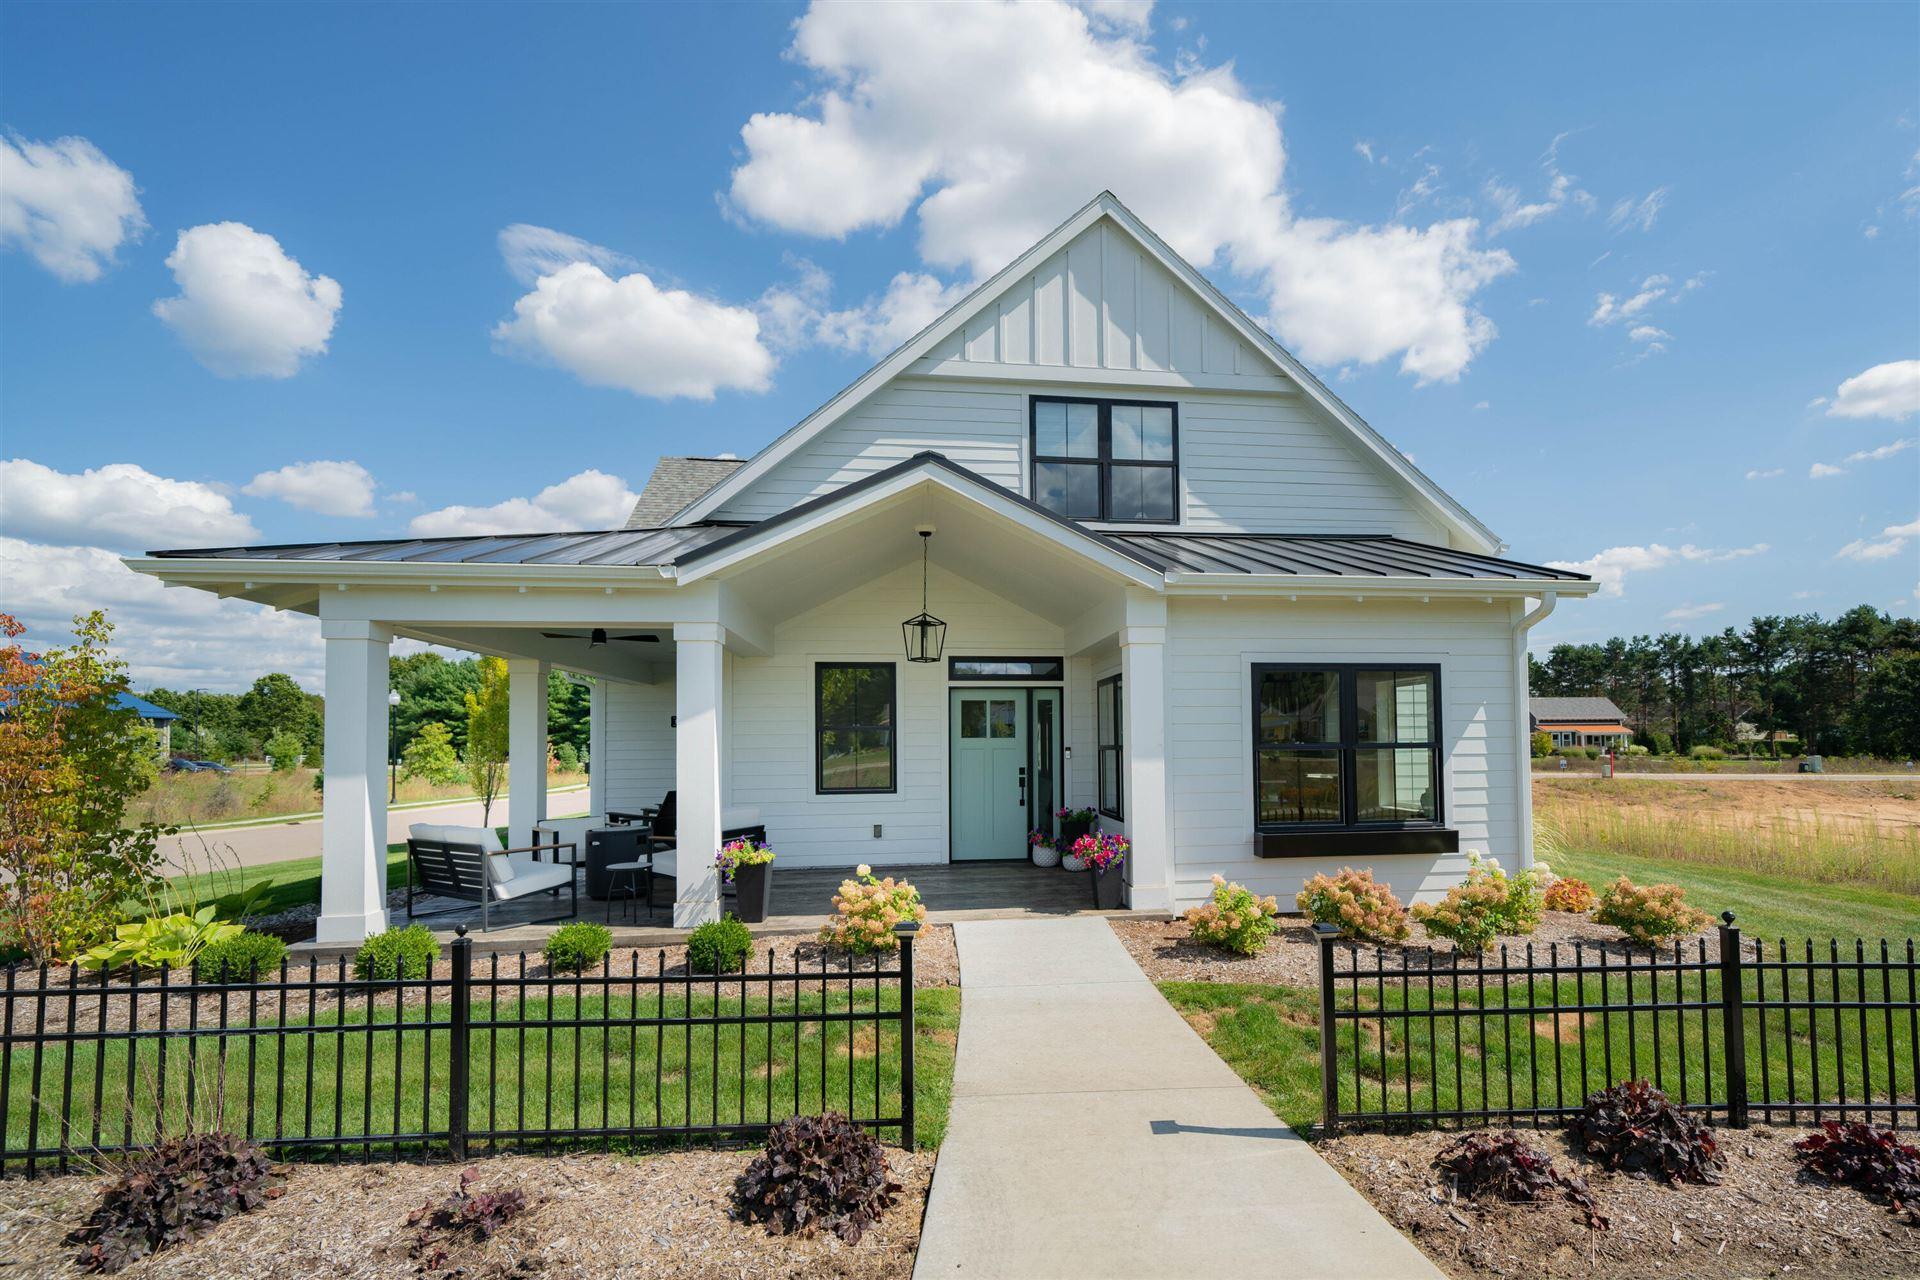 8188 Coneflower Cove, Kalamazoo, MI 49009 - MLS#: 21105619